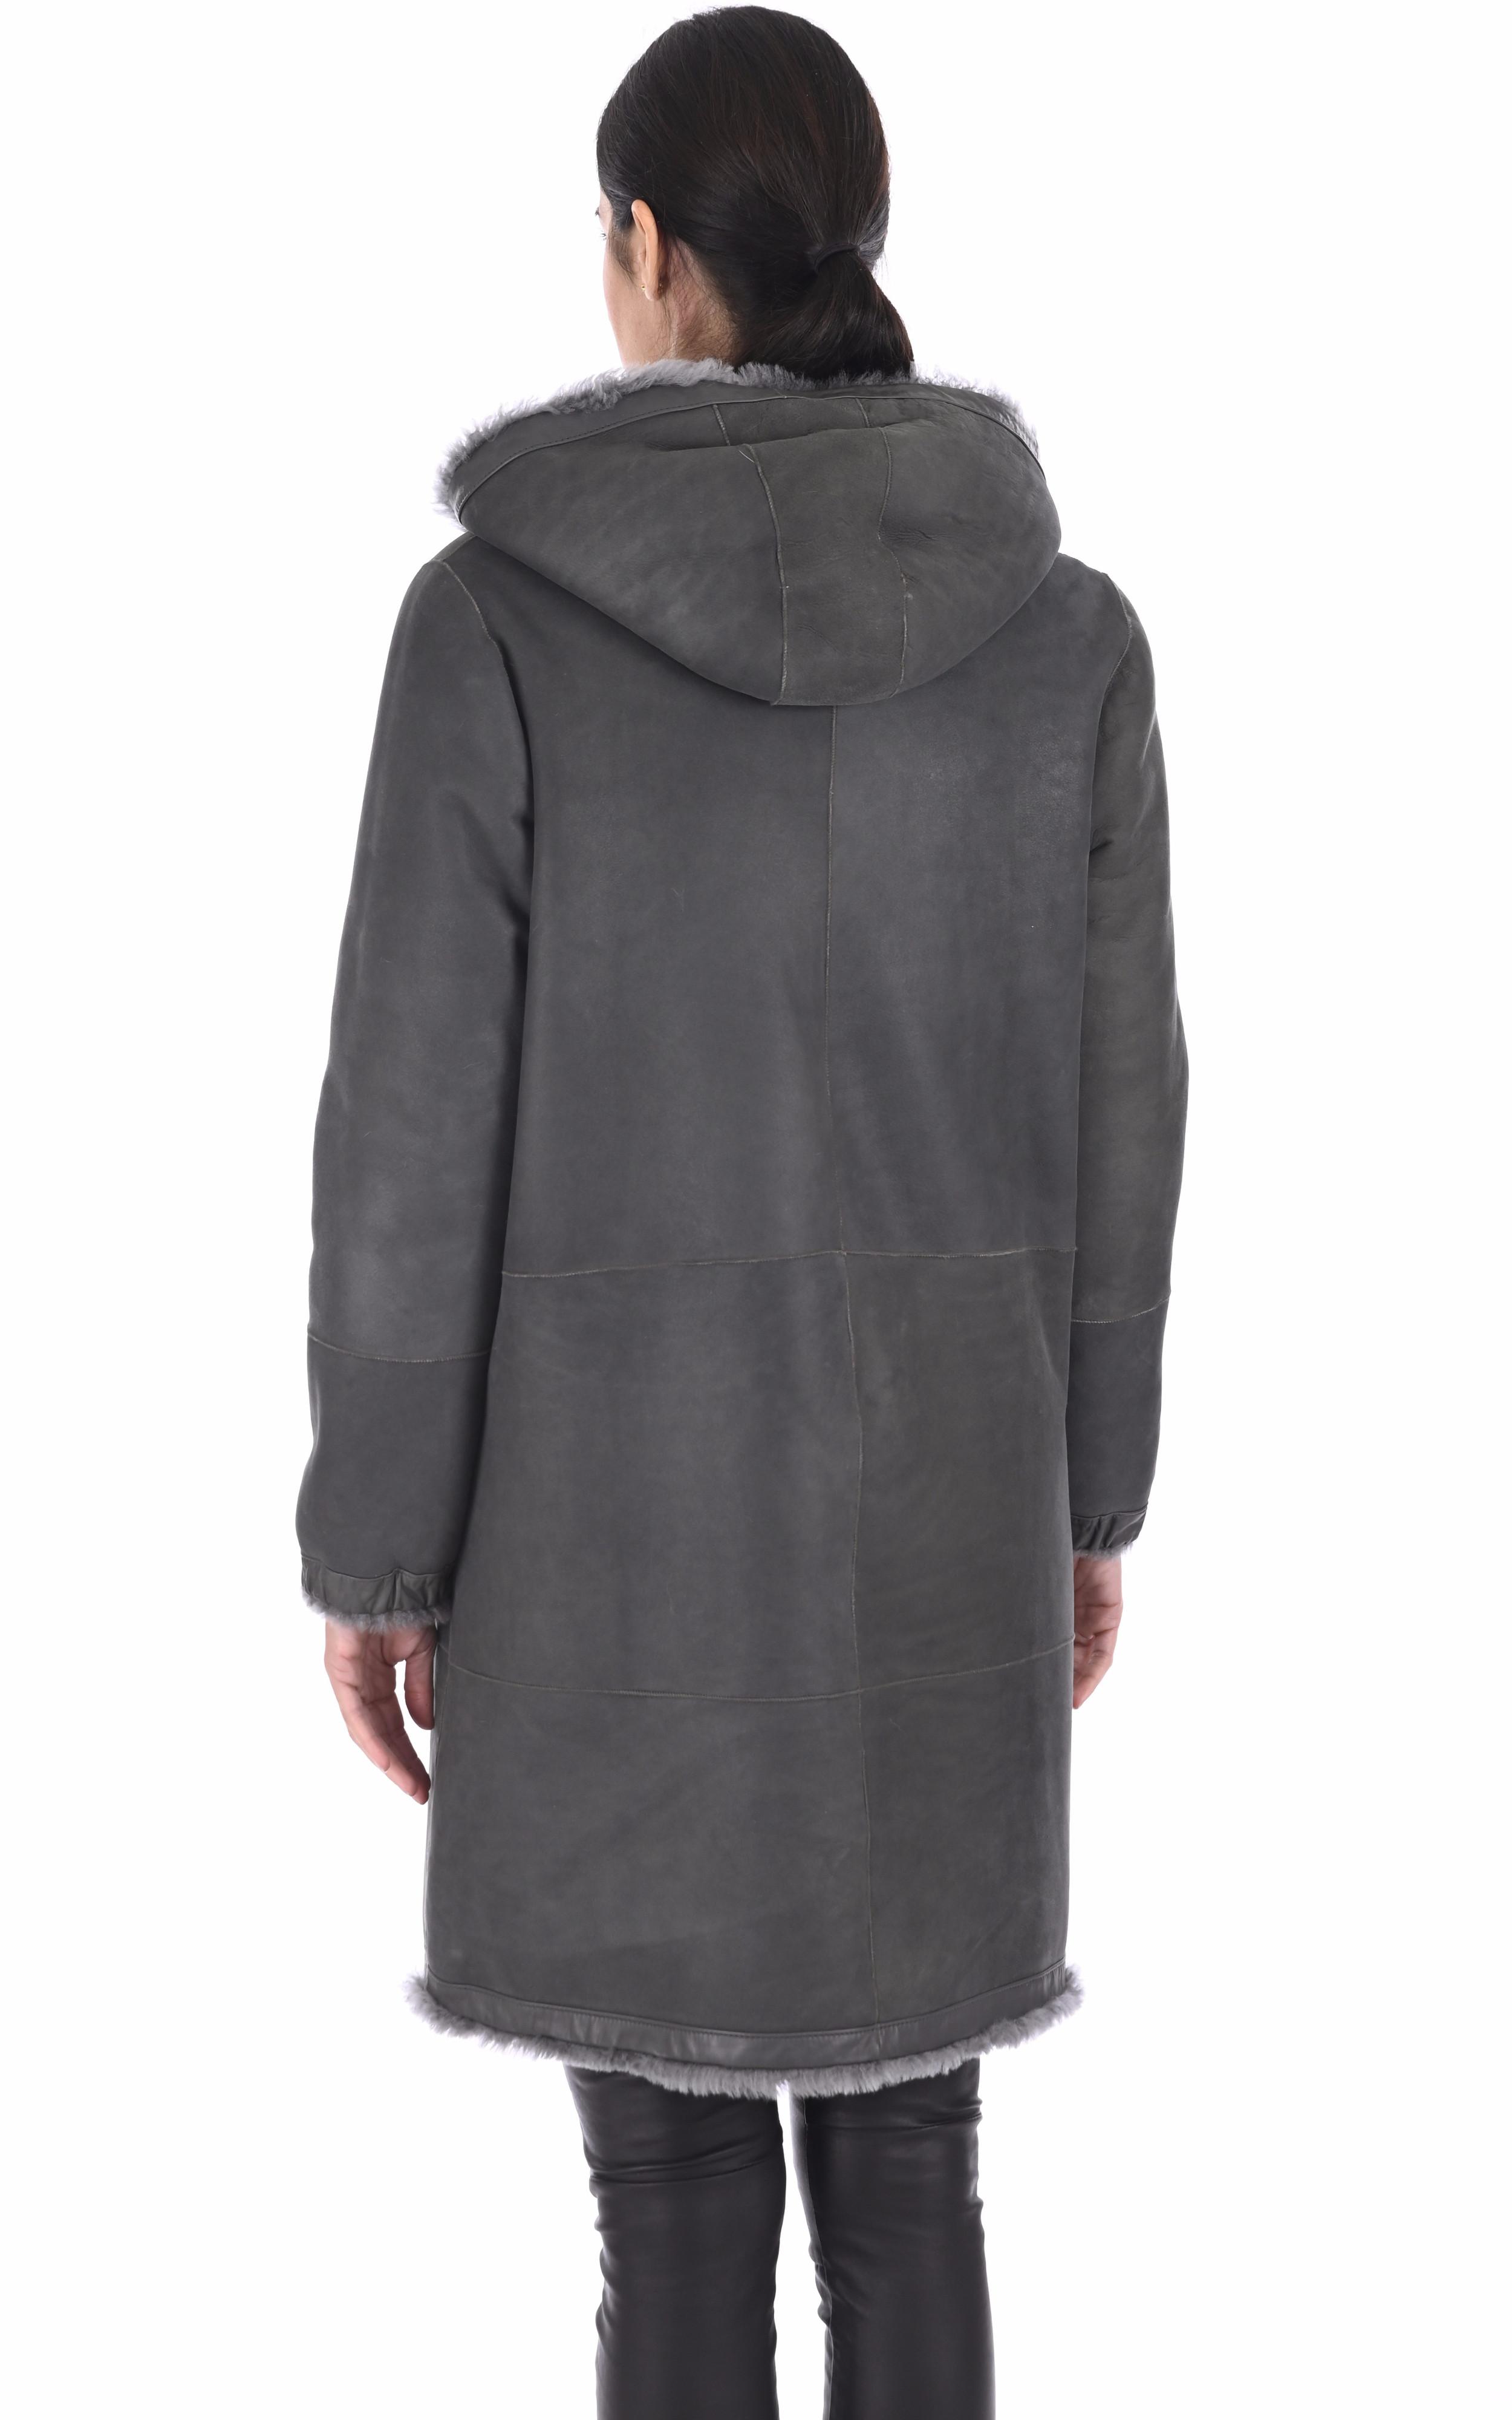 Manteau peau lainée réversible gris Anne Delaigle